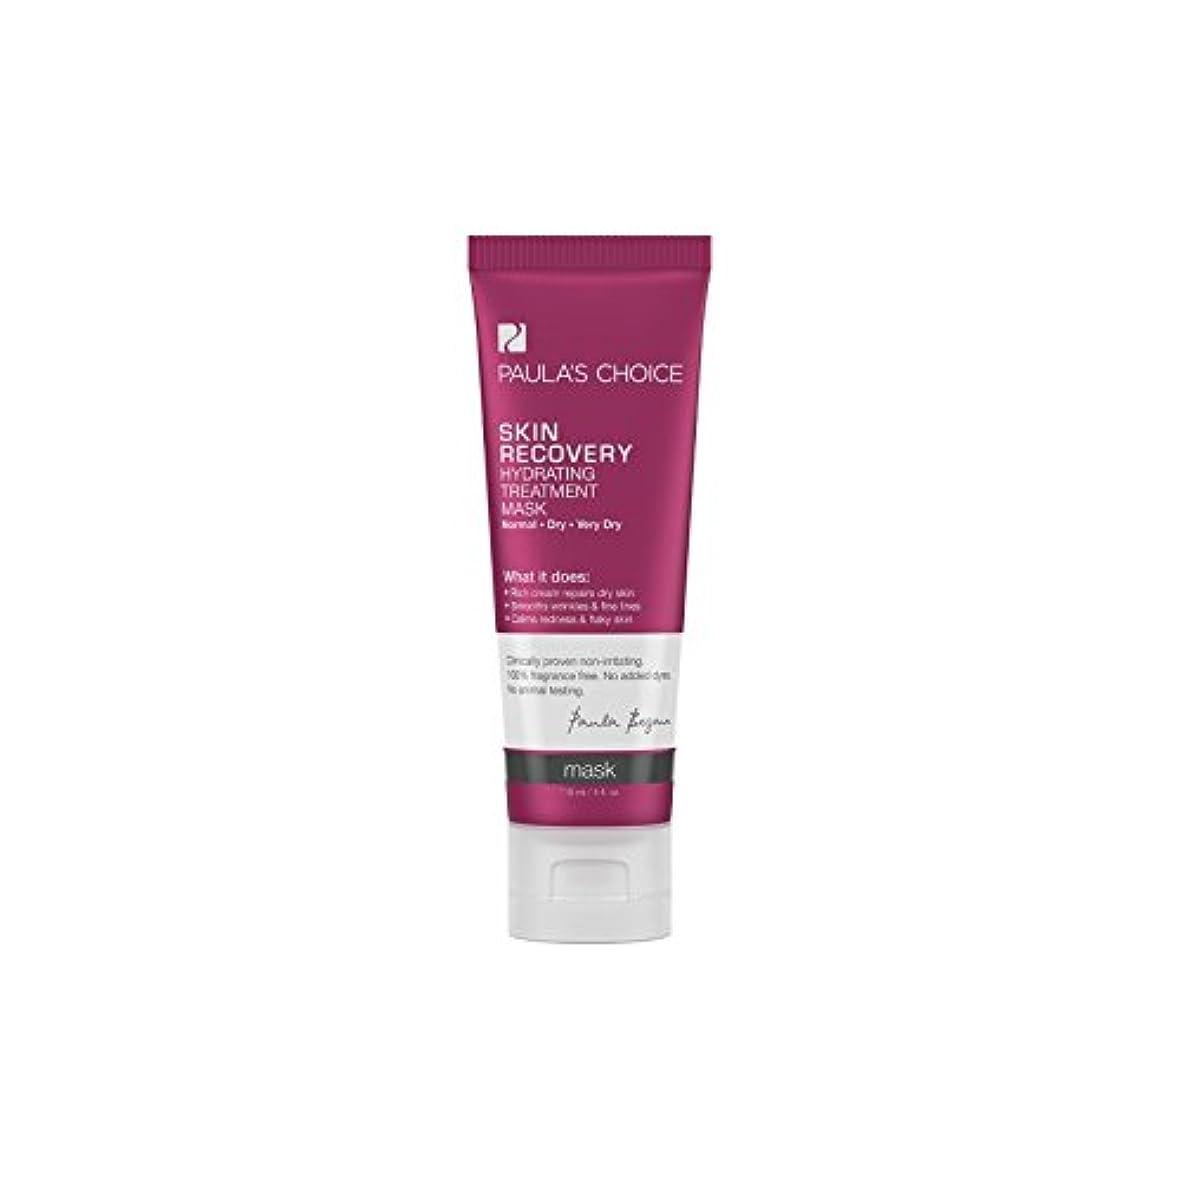 暗殺する趣味アシスタントPaula's Choice Skin Recovery Hydrating Treatment Mask (118ml) (Pack of 6) - ポーラチョイスの肌の回復水和処理マスク(118ミリリットル) x6...